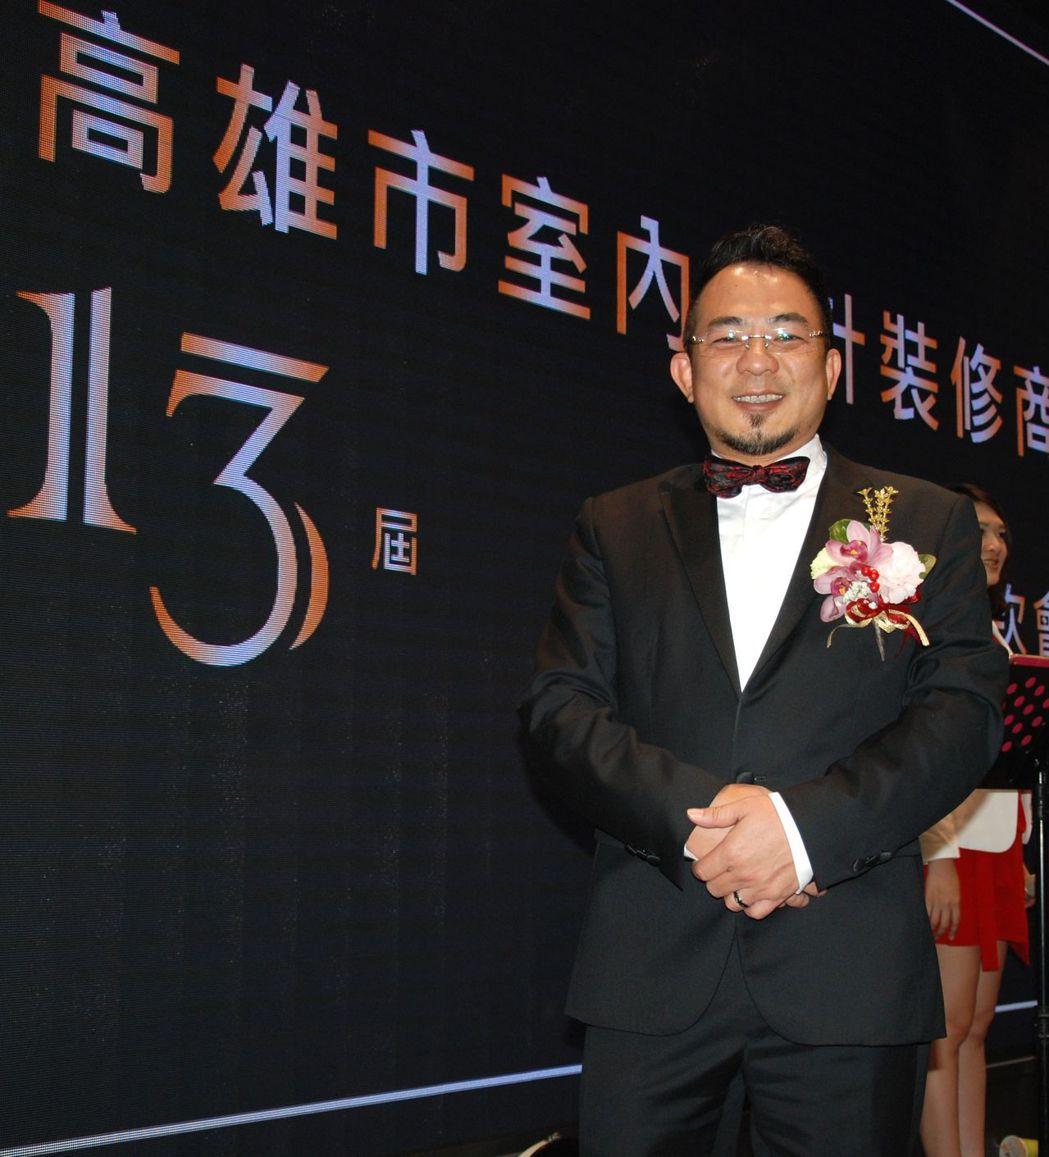 高雄市室內設計裝修商業同業公會第13屆理事長韓雨生。 楊鎮州/攝影